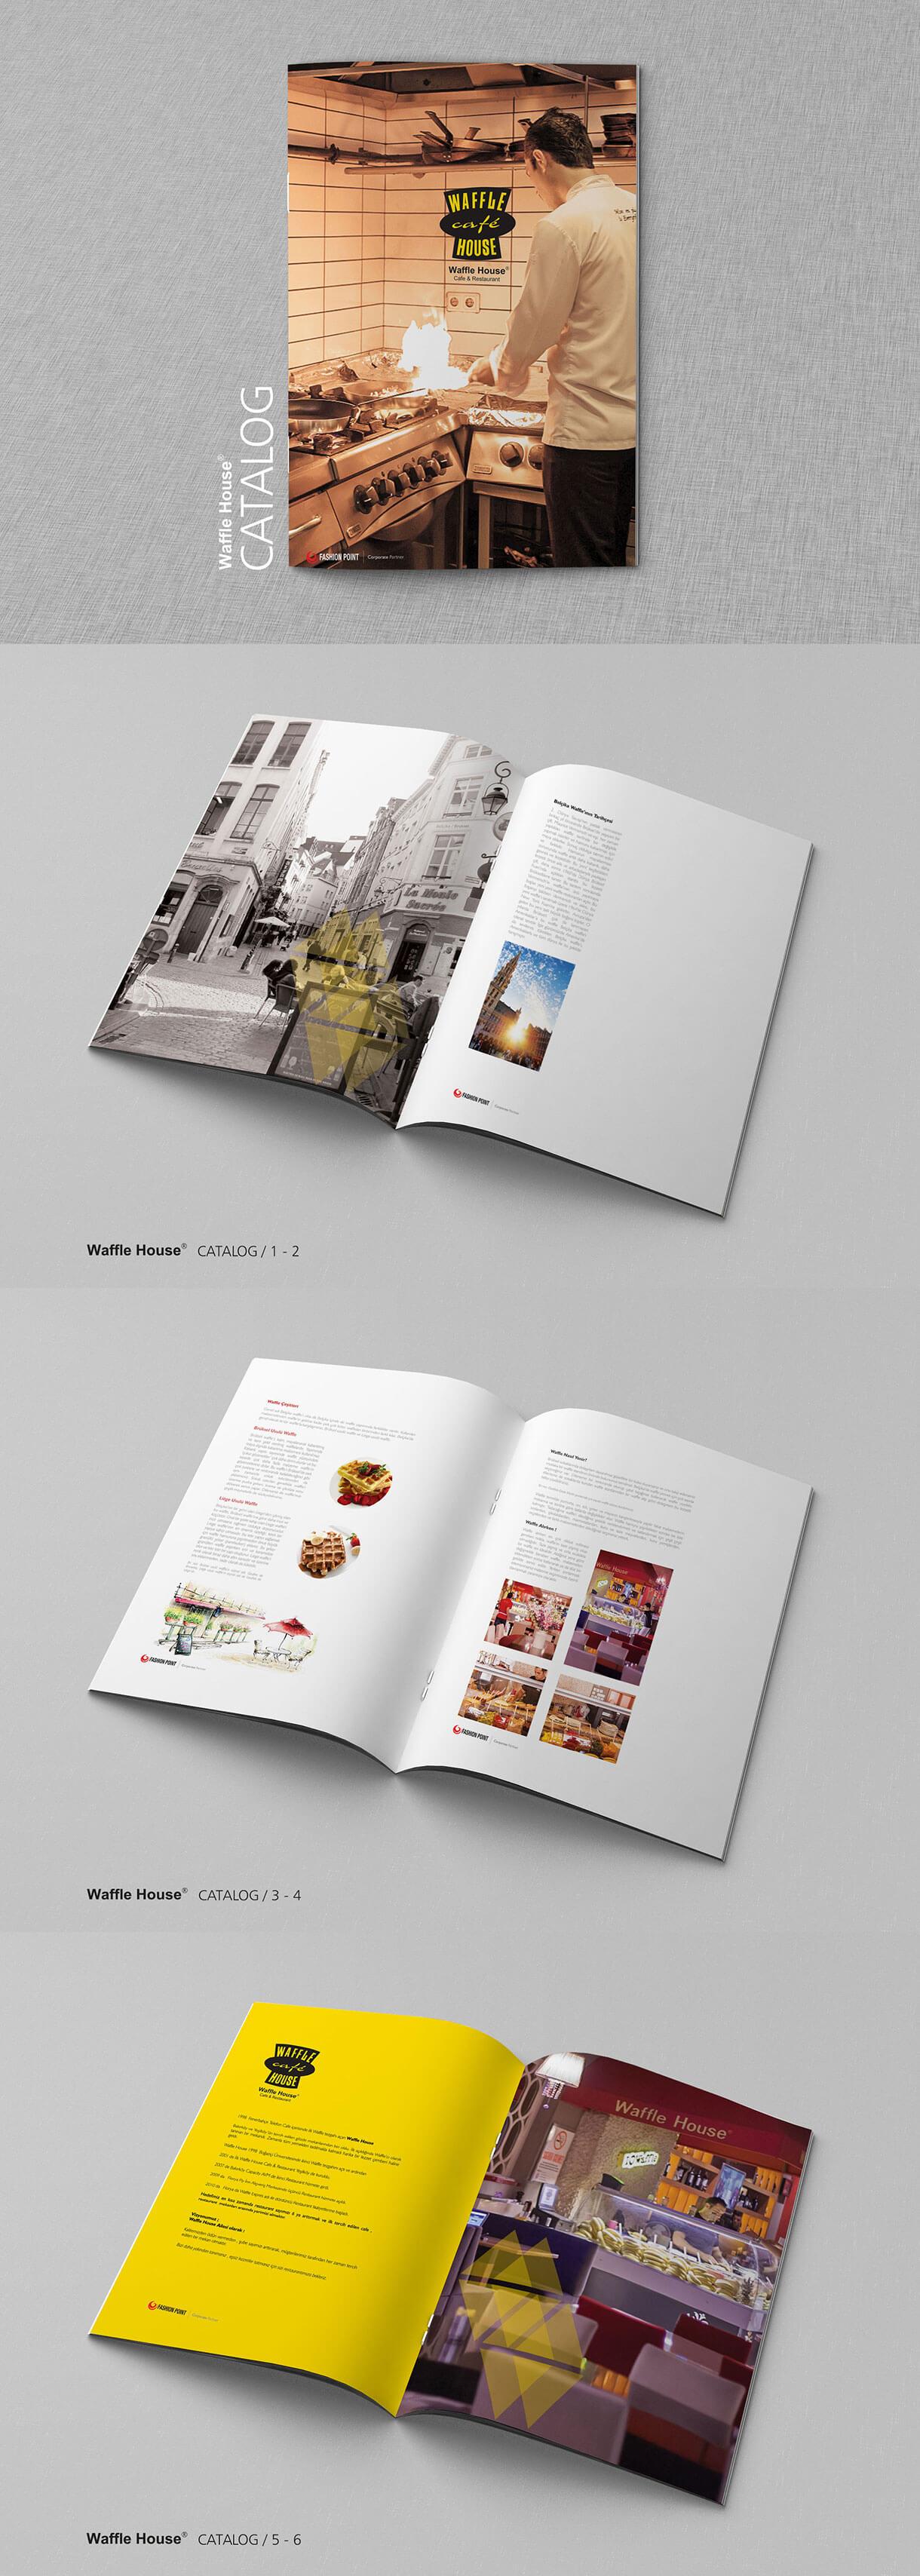 waffle-house-katalog-2